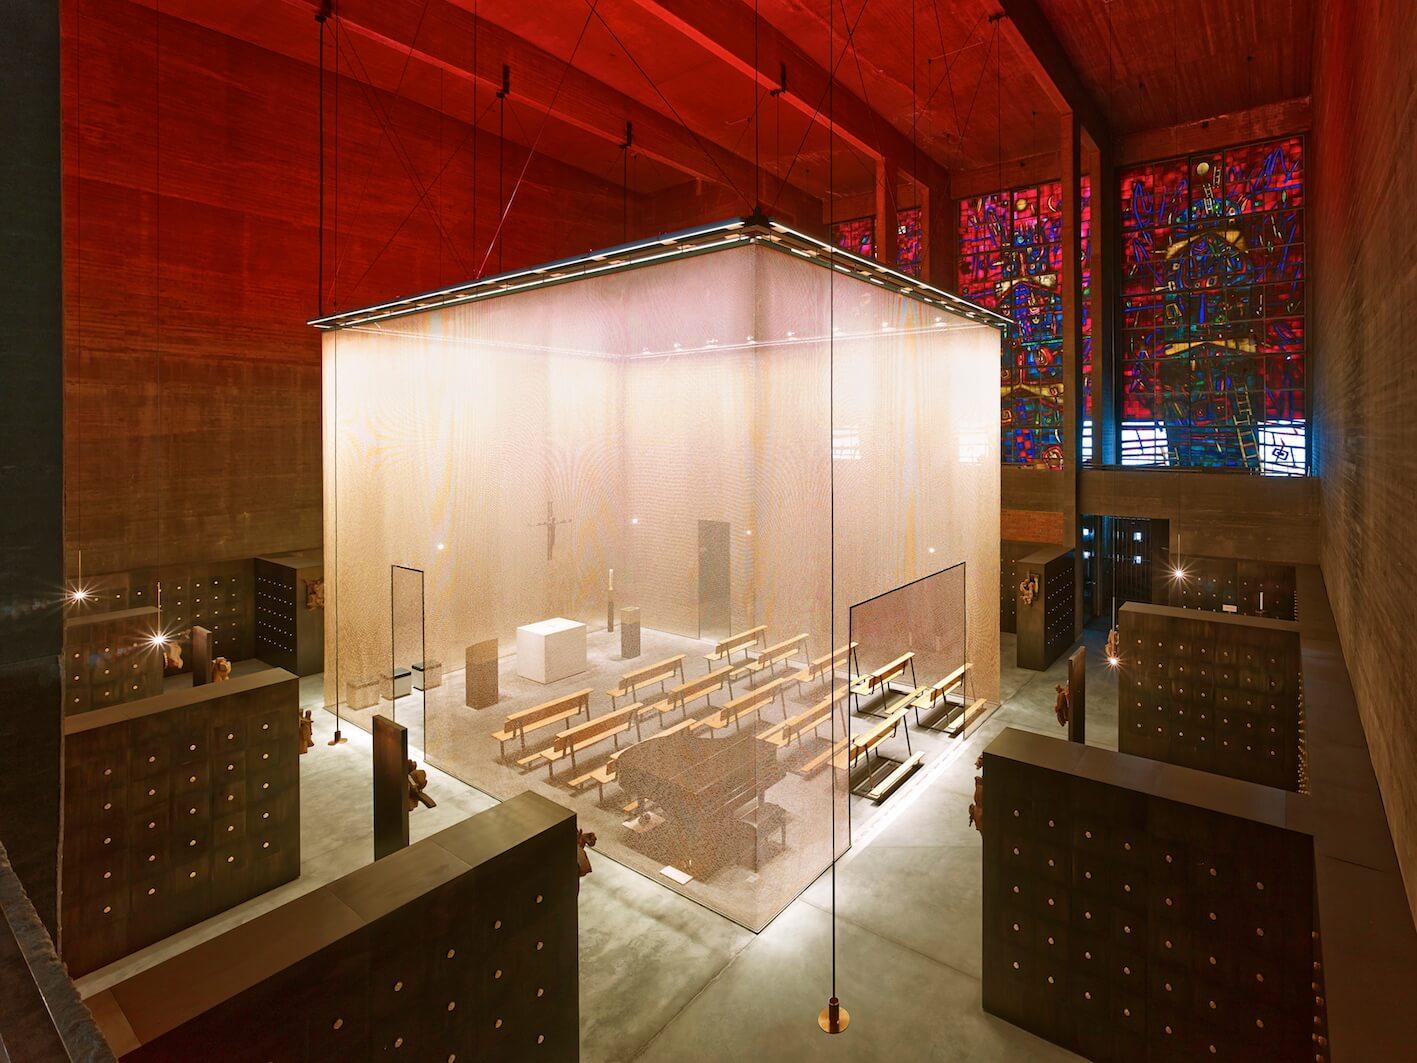 Lichtplanung Köln arens faulhaber lichtplaner